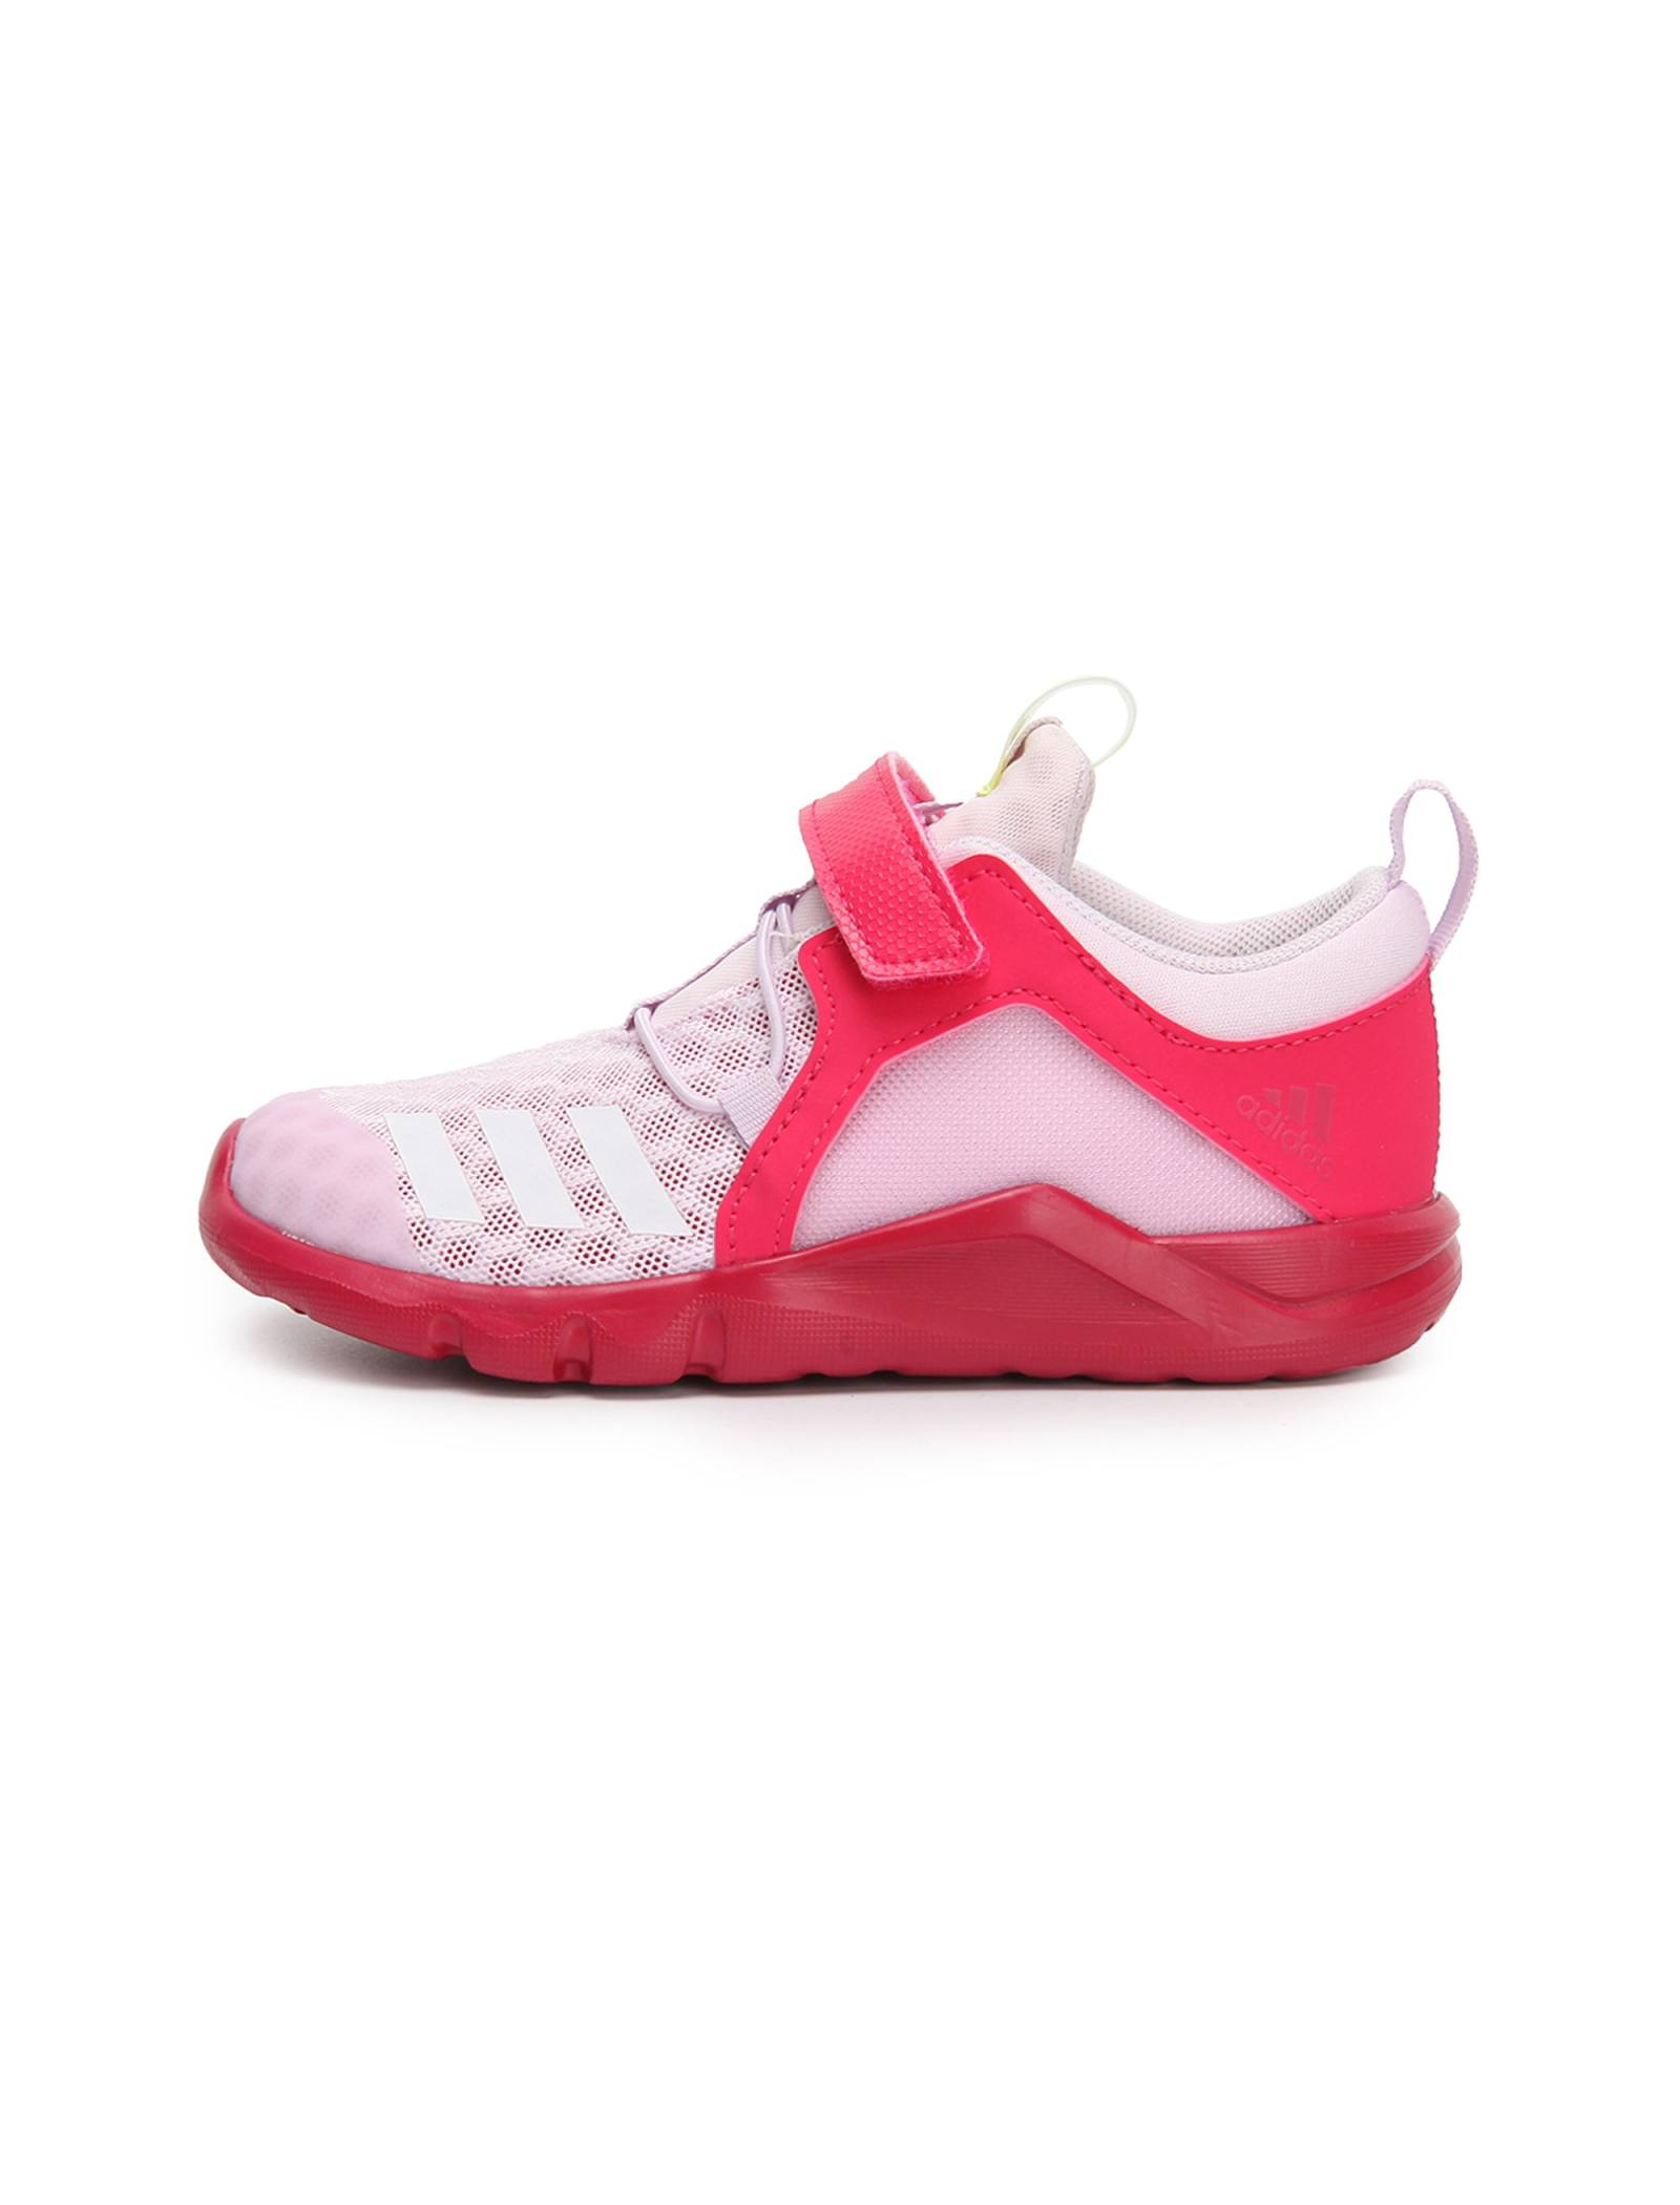 کفش تمرین چسبی دخترانه RapidaFlex 2 - آدیداس - قرمز - 3